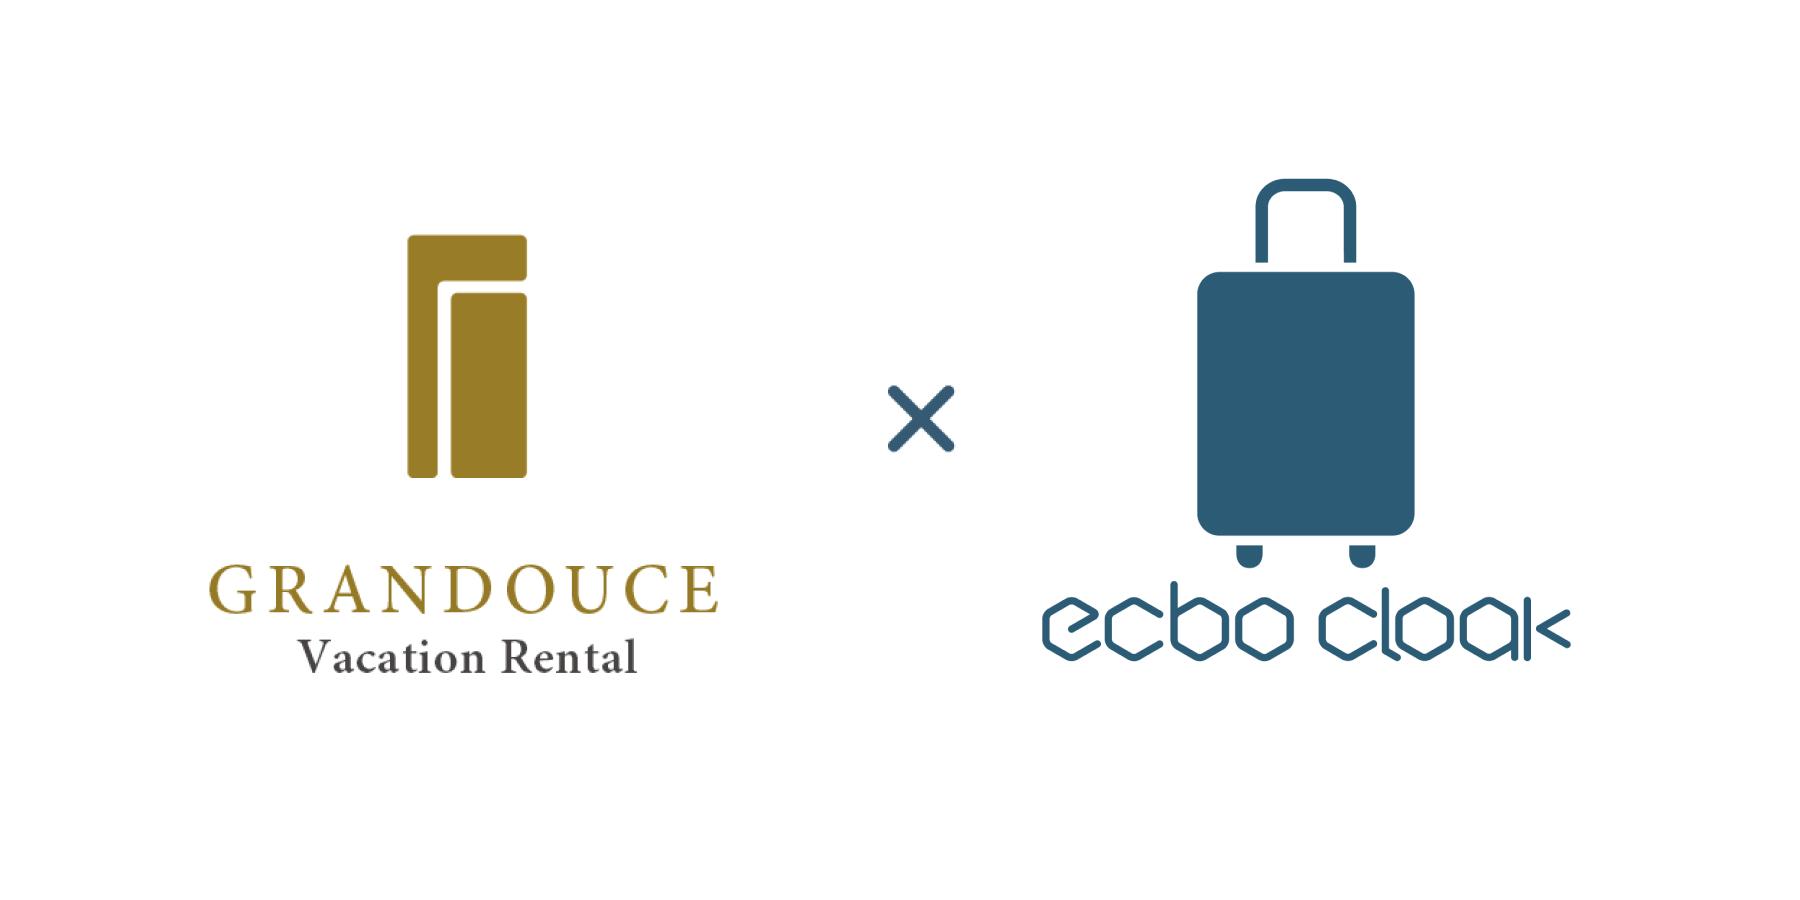 民泊運営のグランドゥースと荷物預かりサービスecbo cloakが業務提携、宿泊者の荷物預かり需要に対応